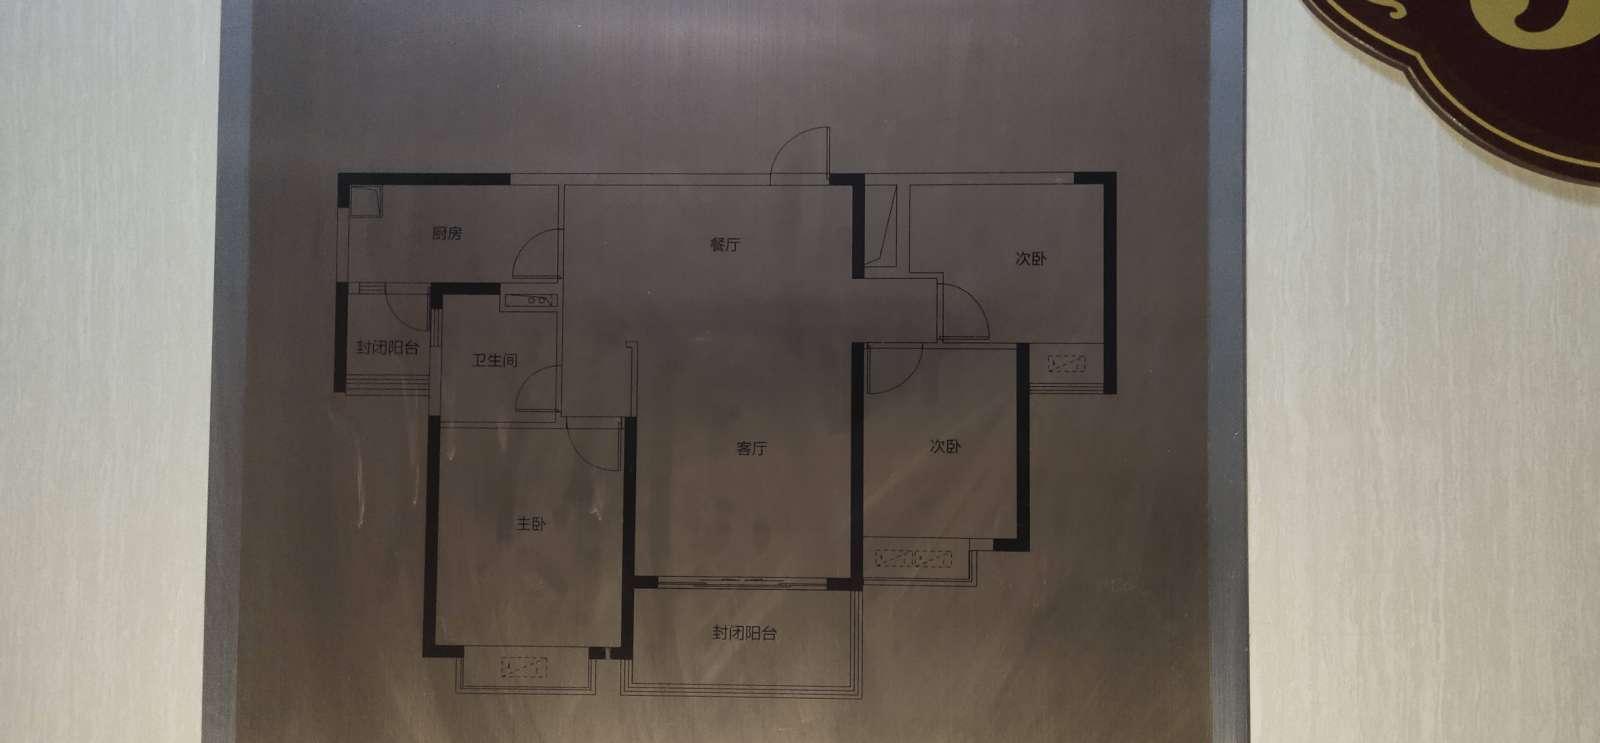 恒大江湾 3室2厅112㎡